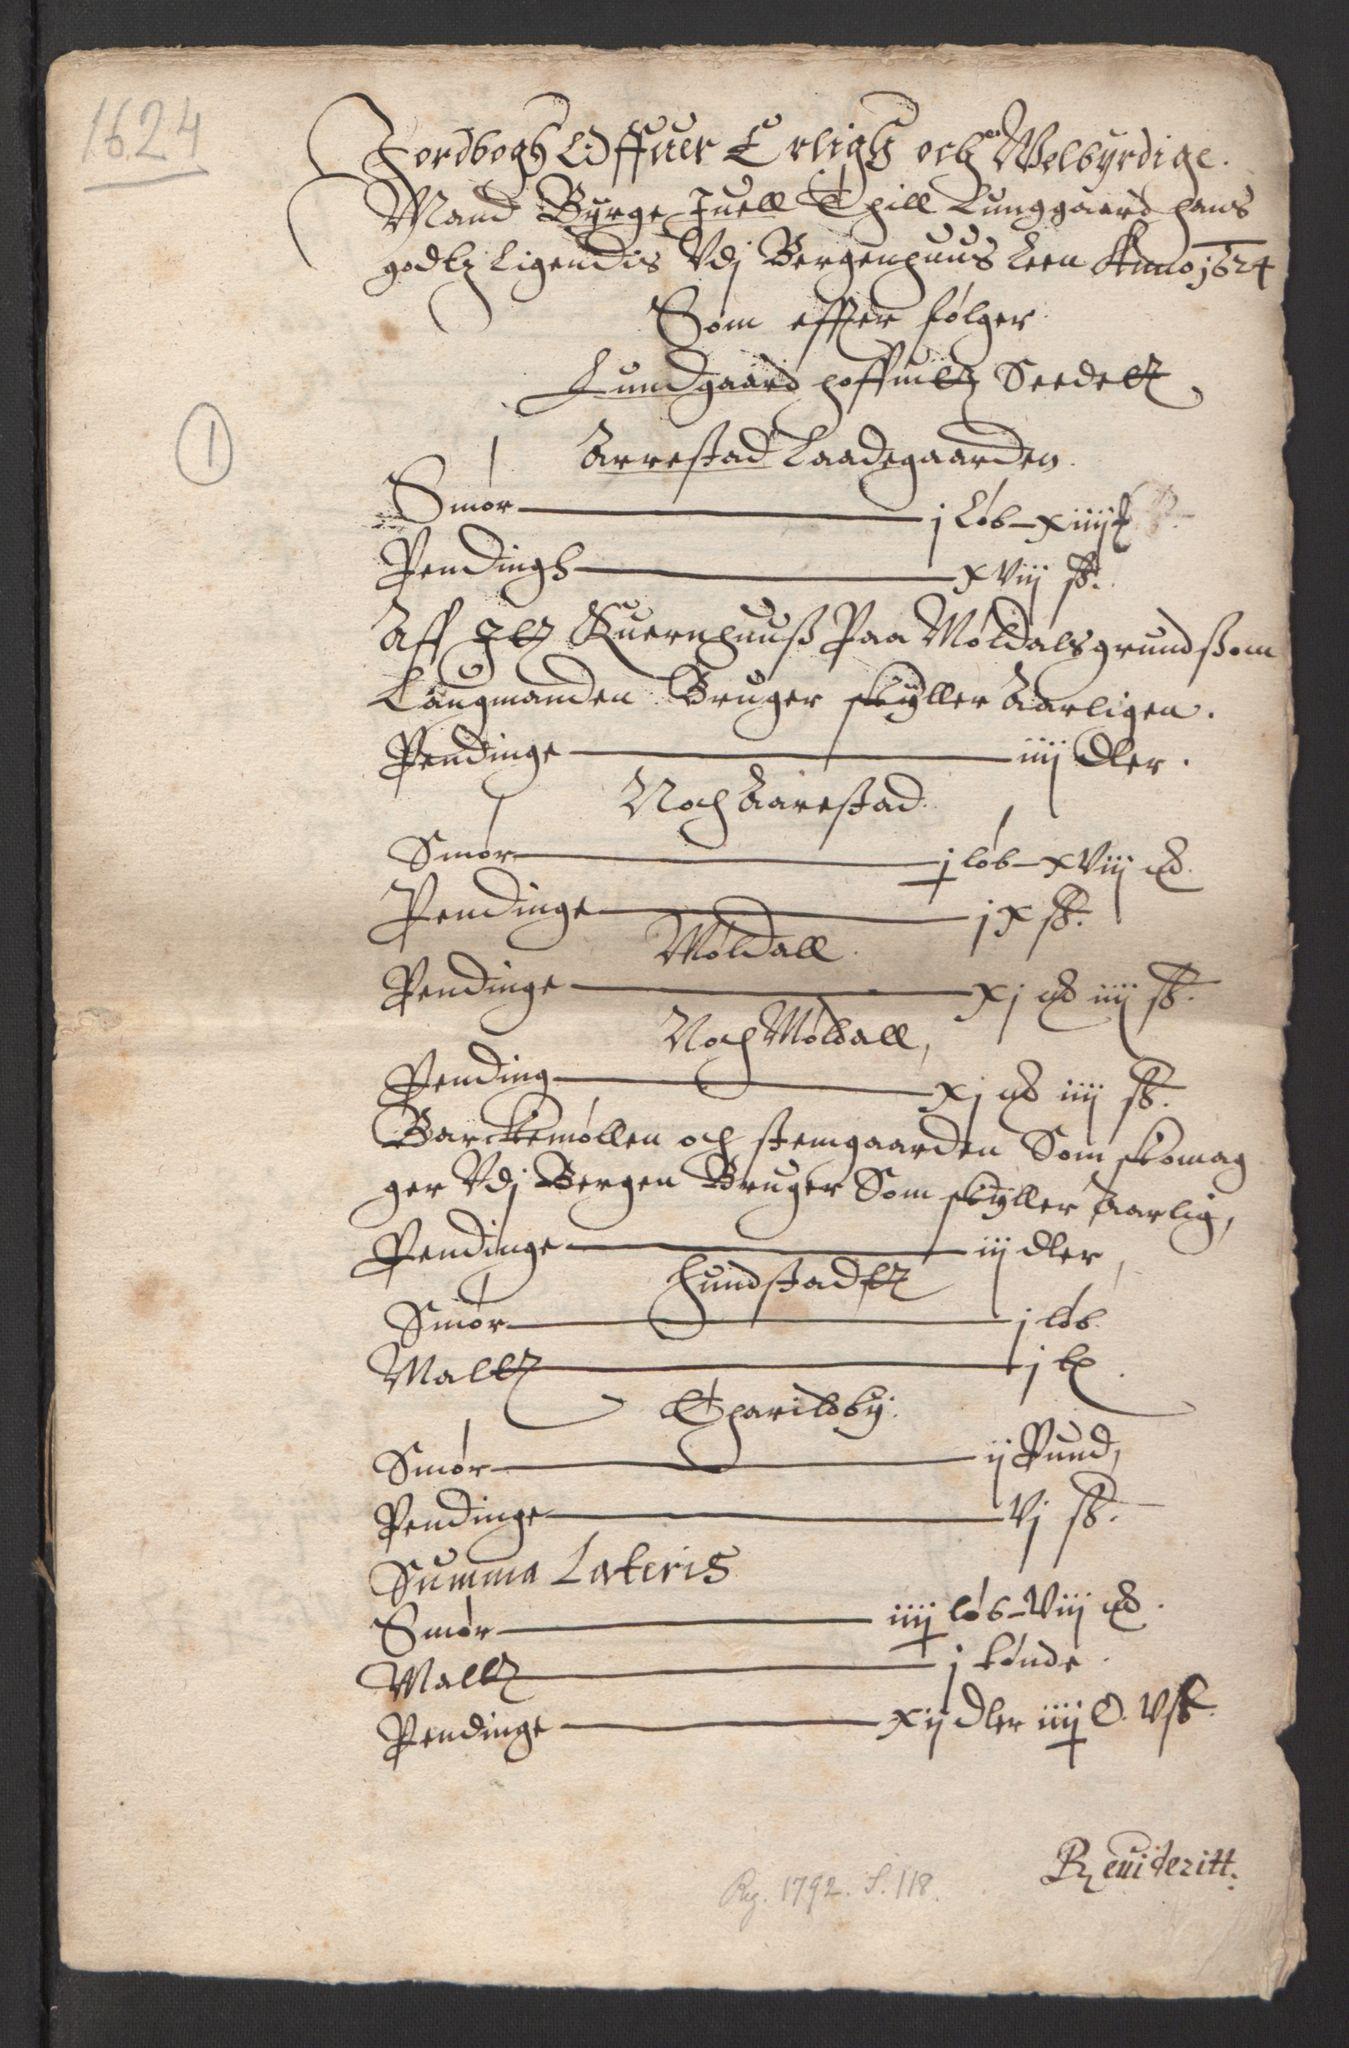 RA, Stattholderembetet 1572-1771, Ek/L0007: Jordebøker til utlikning av rosstjeneste 1624-1626:, 1624-1625, s. 447